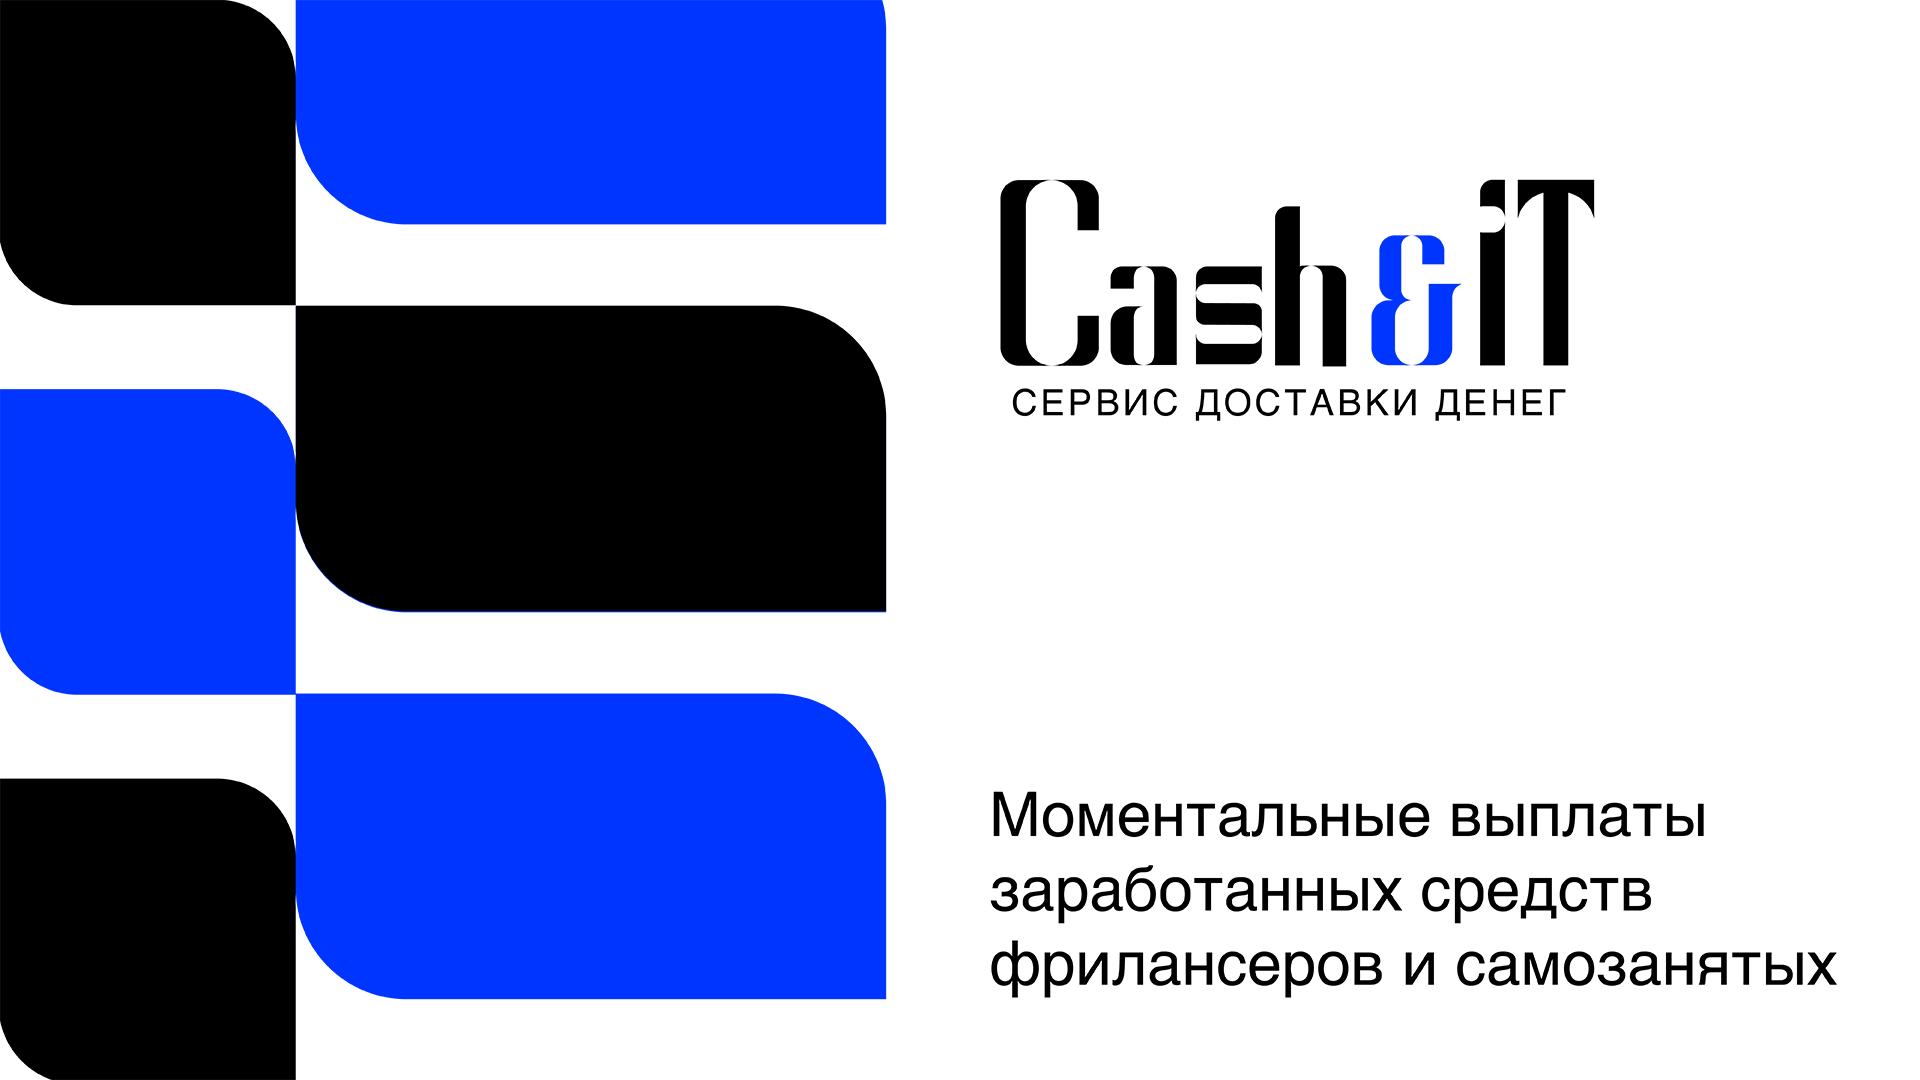 Логотип для Cash & IT - сервис доставки денег фото f_8505fda9005d2881.png